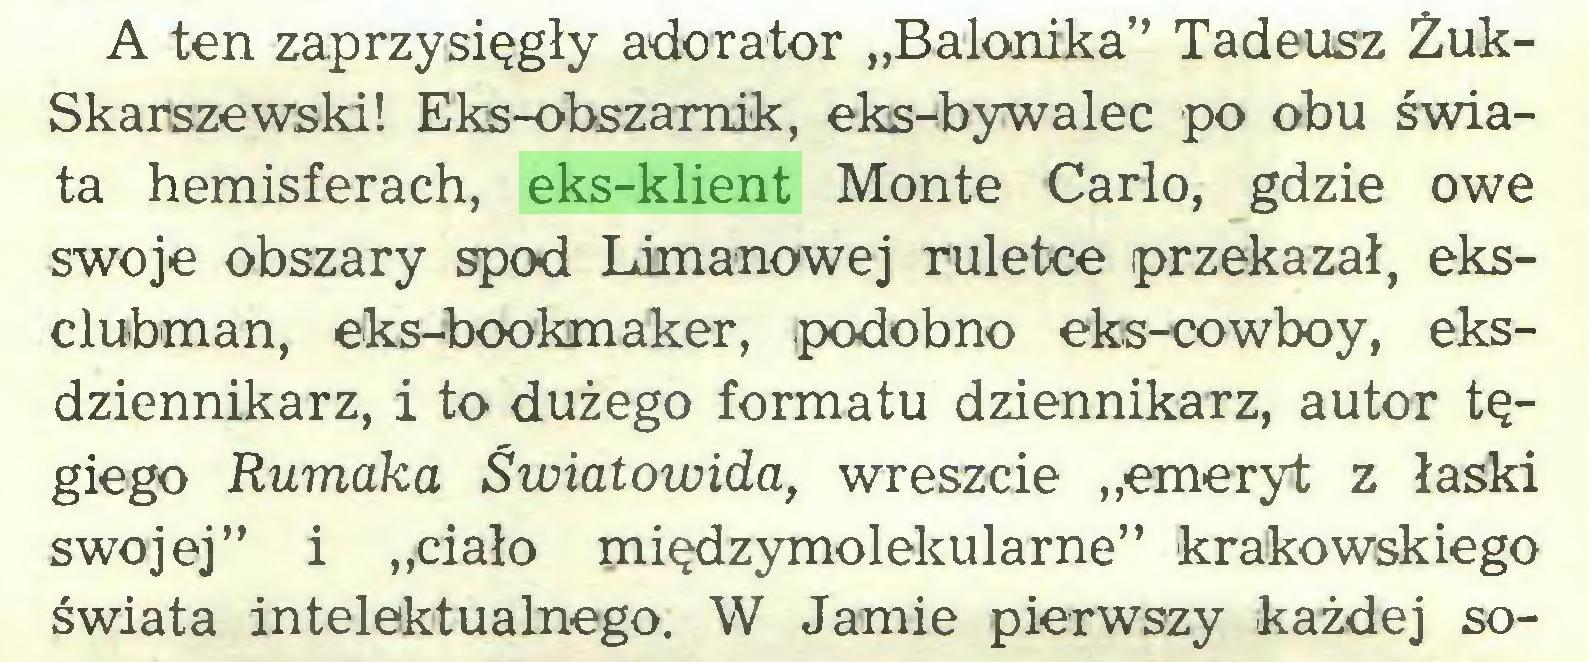 """(...) A ten zaprzysięgły adorator """"Balonika"""" Tadeusz ŻukSkarszewski! Eks-obszamik, eks-bywalec po obu świata hemisferach, eks-klient Monte Carlo, gdzie owe swoje obszary spod Limanowej ruletce przekazał, eksclubman, eks-bookmaker, podobno eks-cowboy, eksdziennikarz, i to dużego formatu dziennikarz, autor tęgiego Rumaka Światowida, wreszcie """"emeryt z łaski swojej"""" i """"ciało międzymolekularne"""" krakowskiego świata intelektualnego. W Jamie pierwszy każdej so..."""